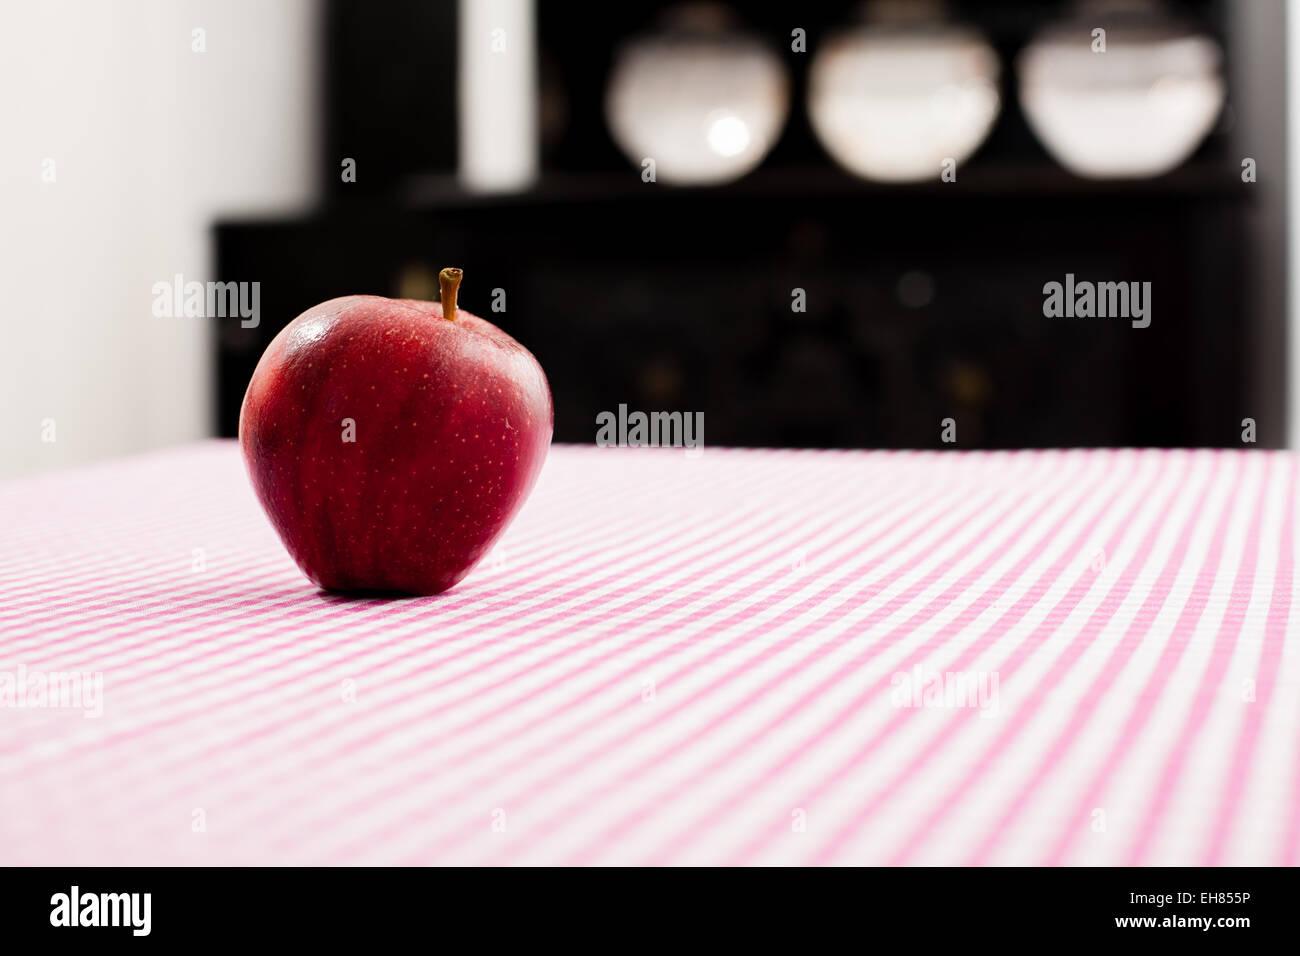 Roter Apfel auf dem aufgegebenen Tischtuch. Stockbild